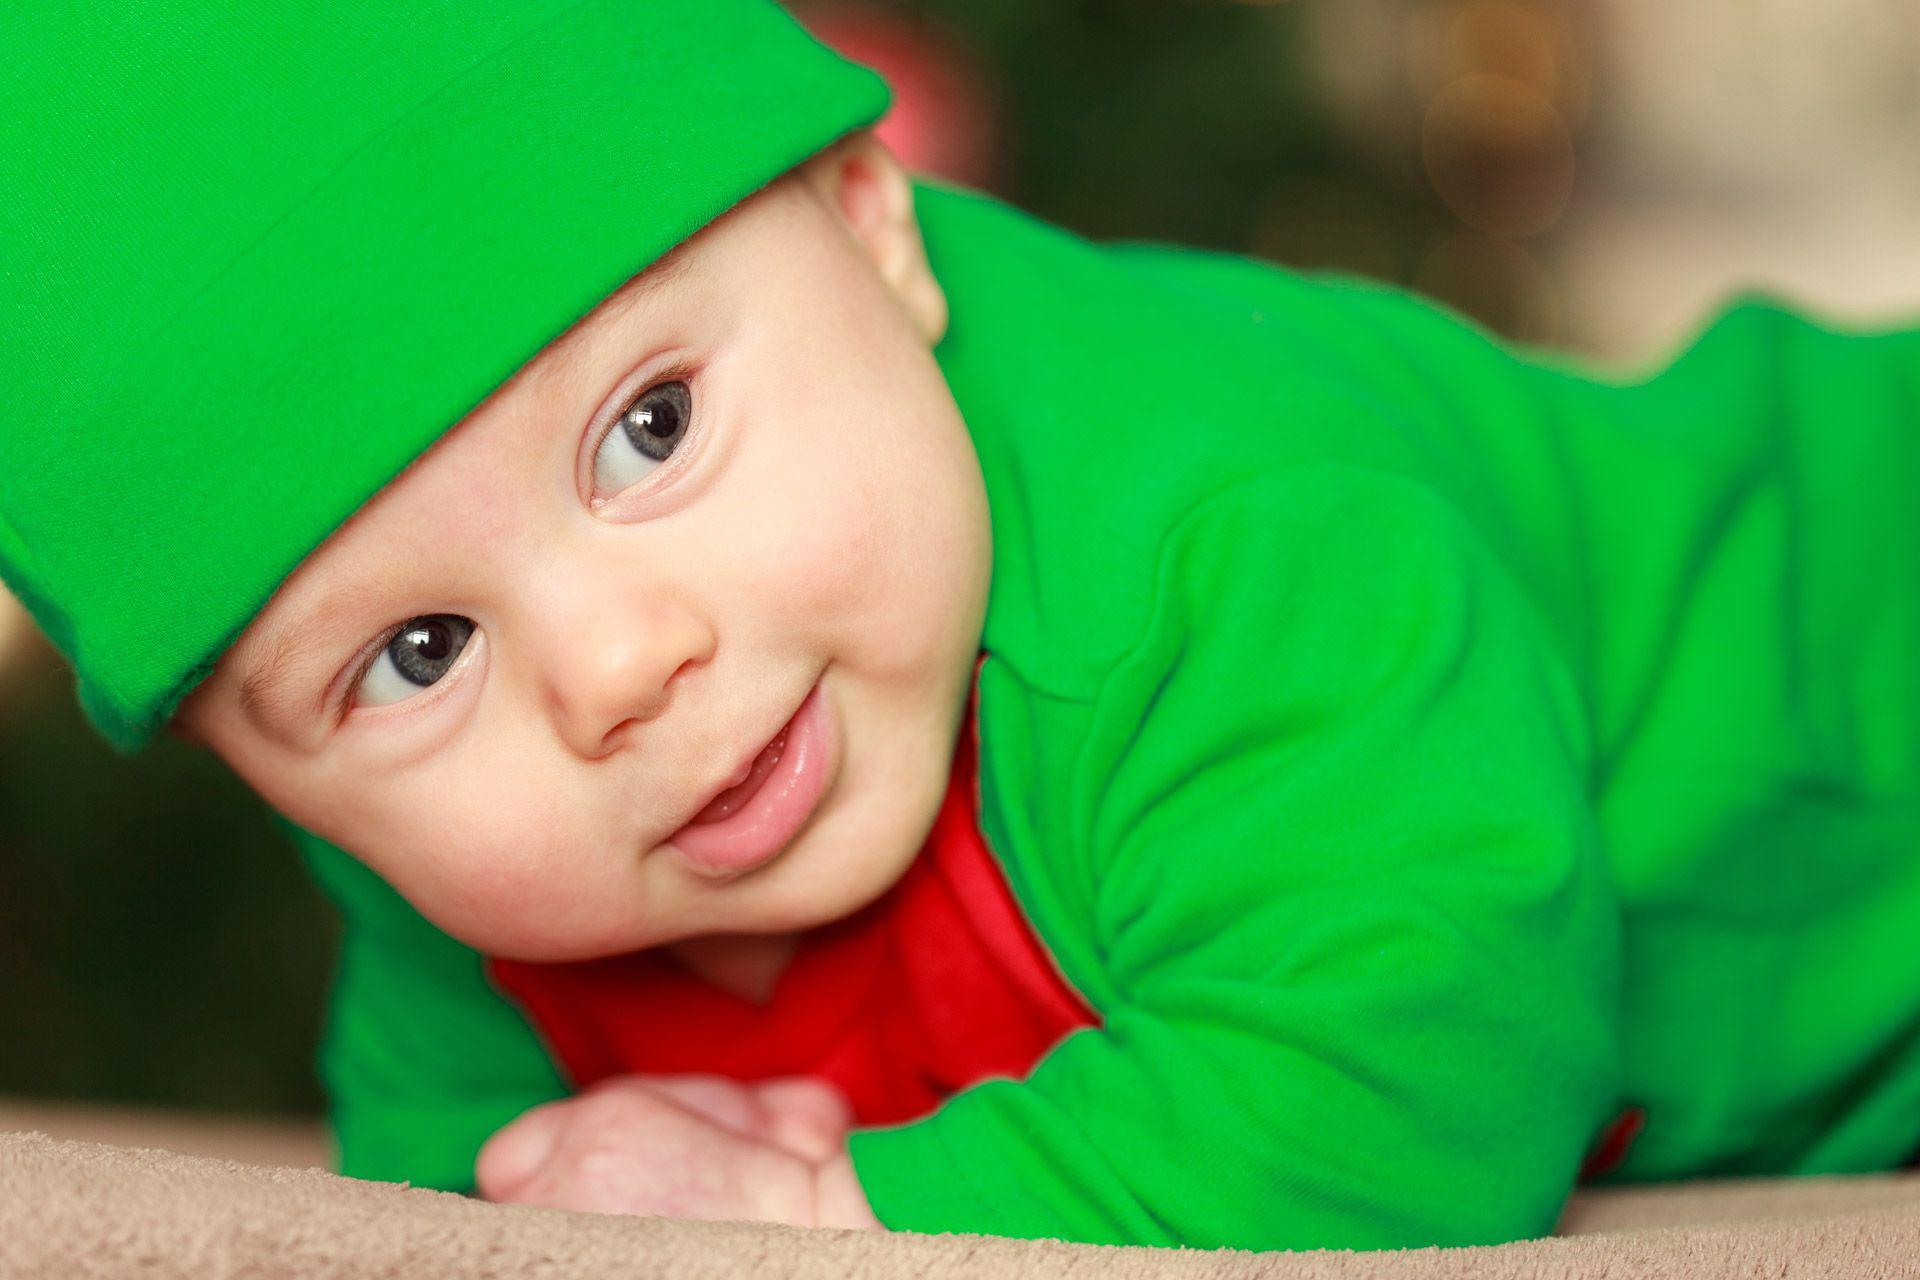 Cute Little Boy HD Wallpaper Cute Baby, HD, Wallpapers